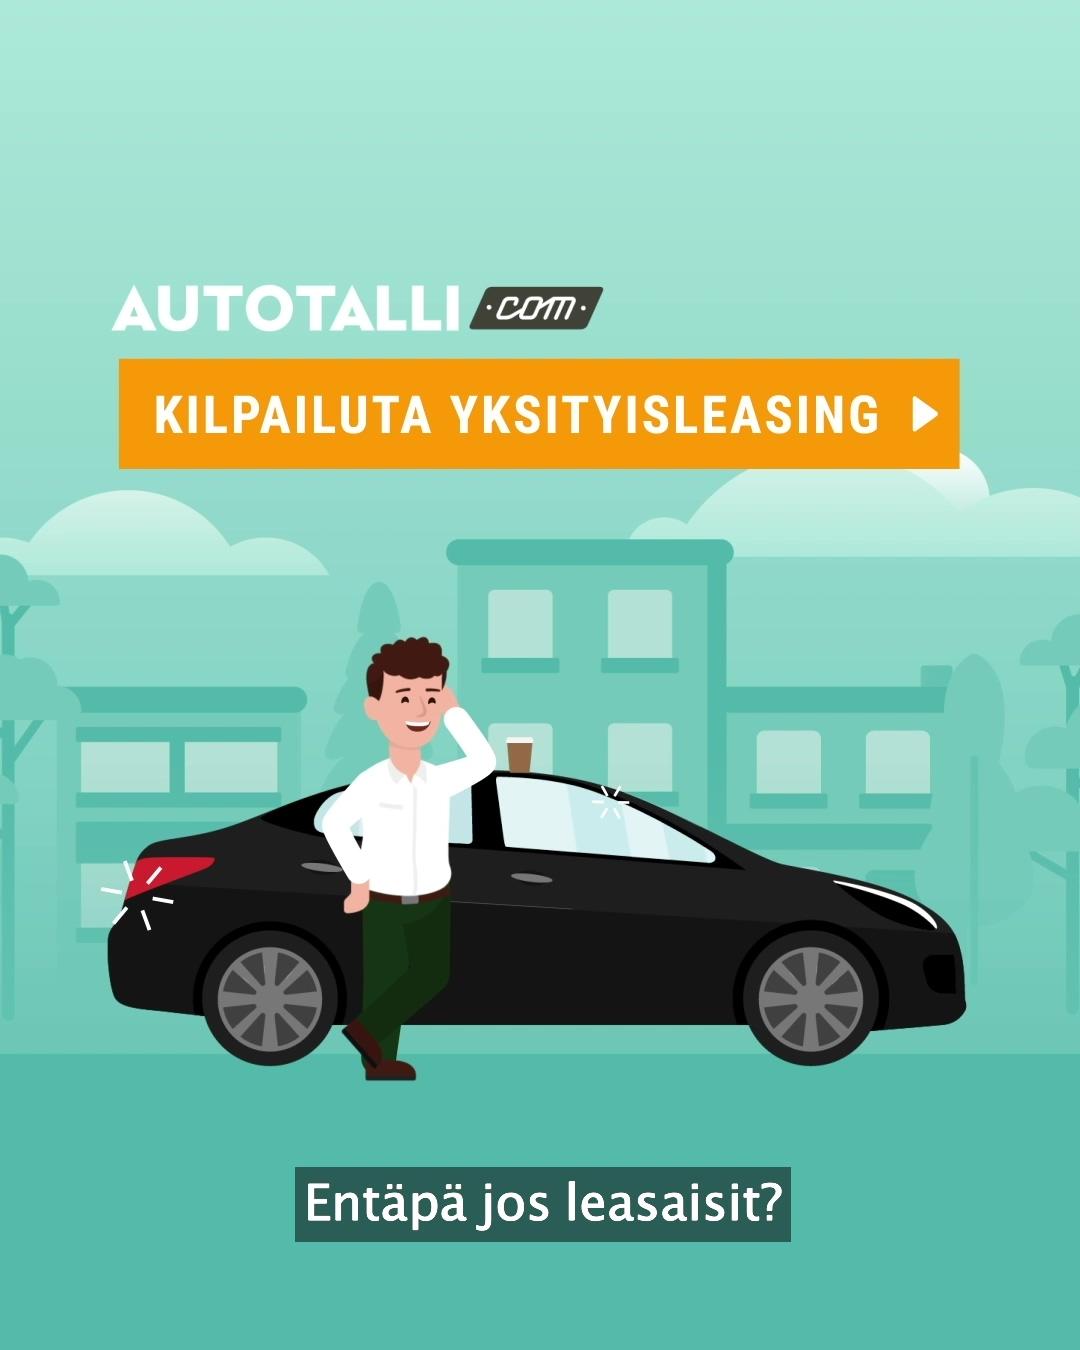 Autotalli_yksityisleasing_4-5-finsub2